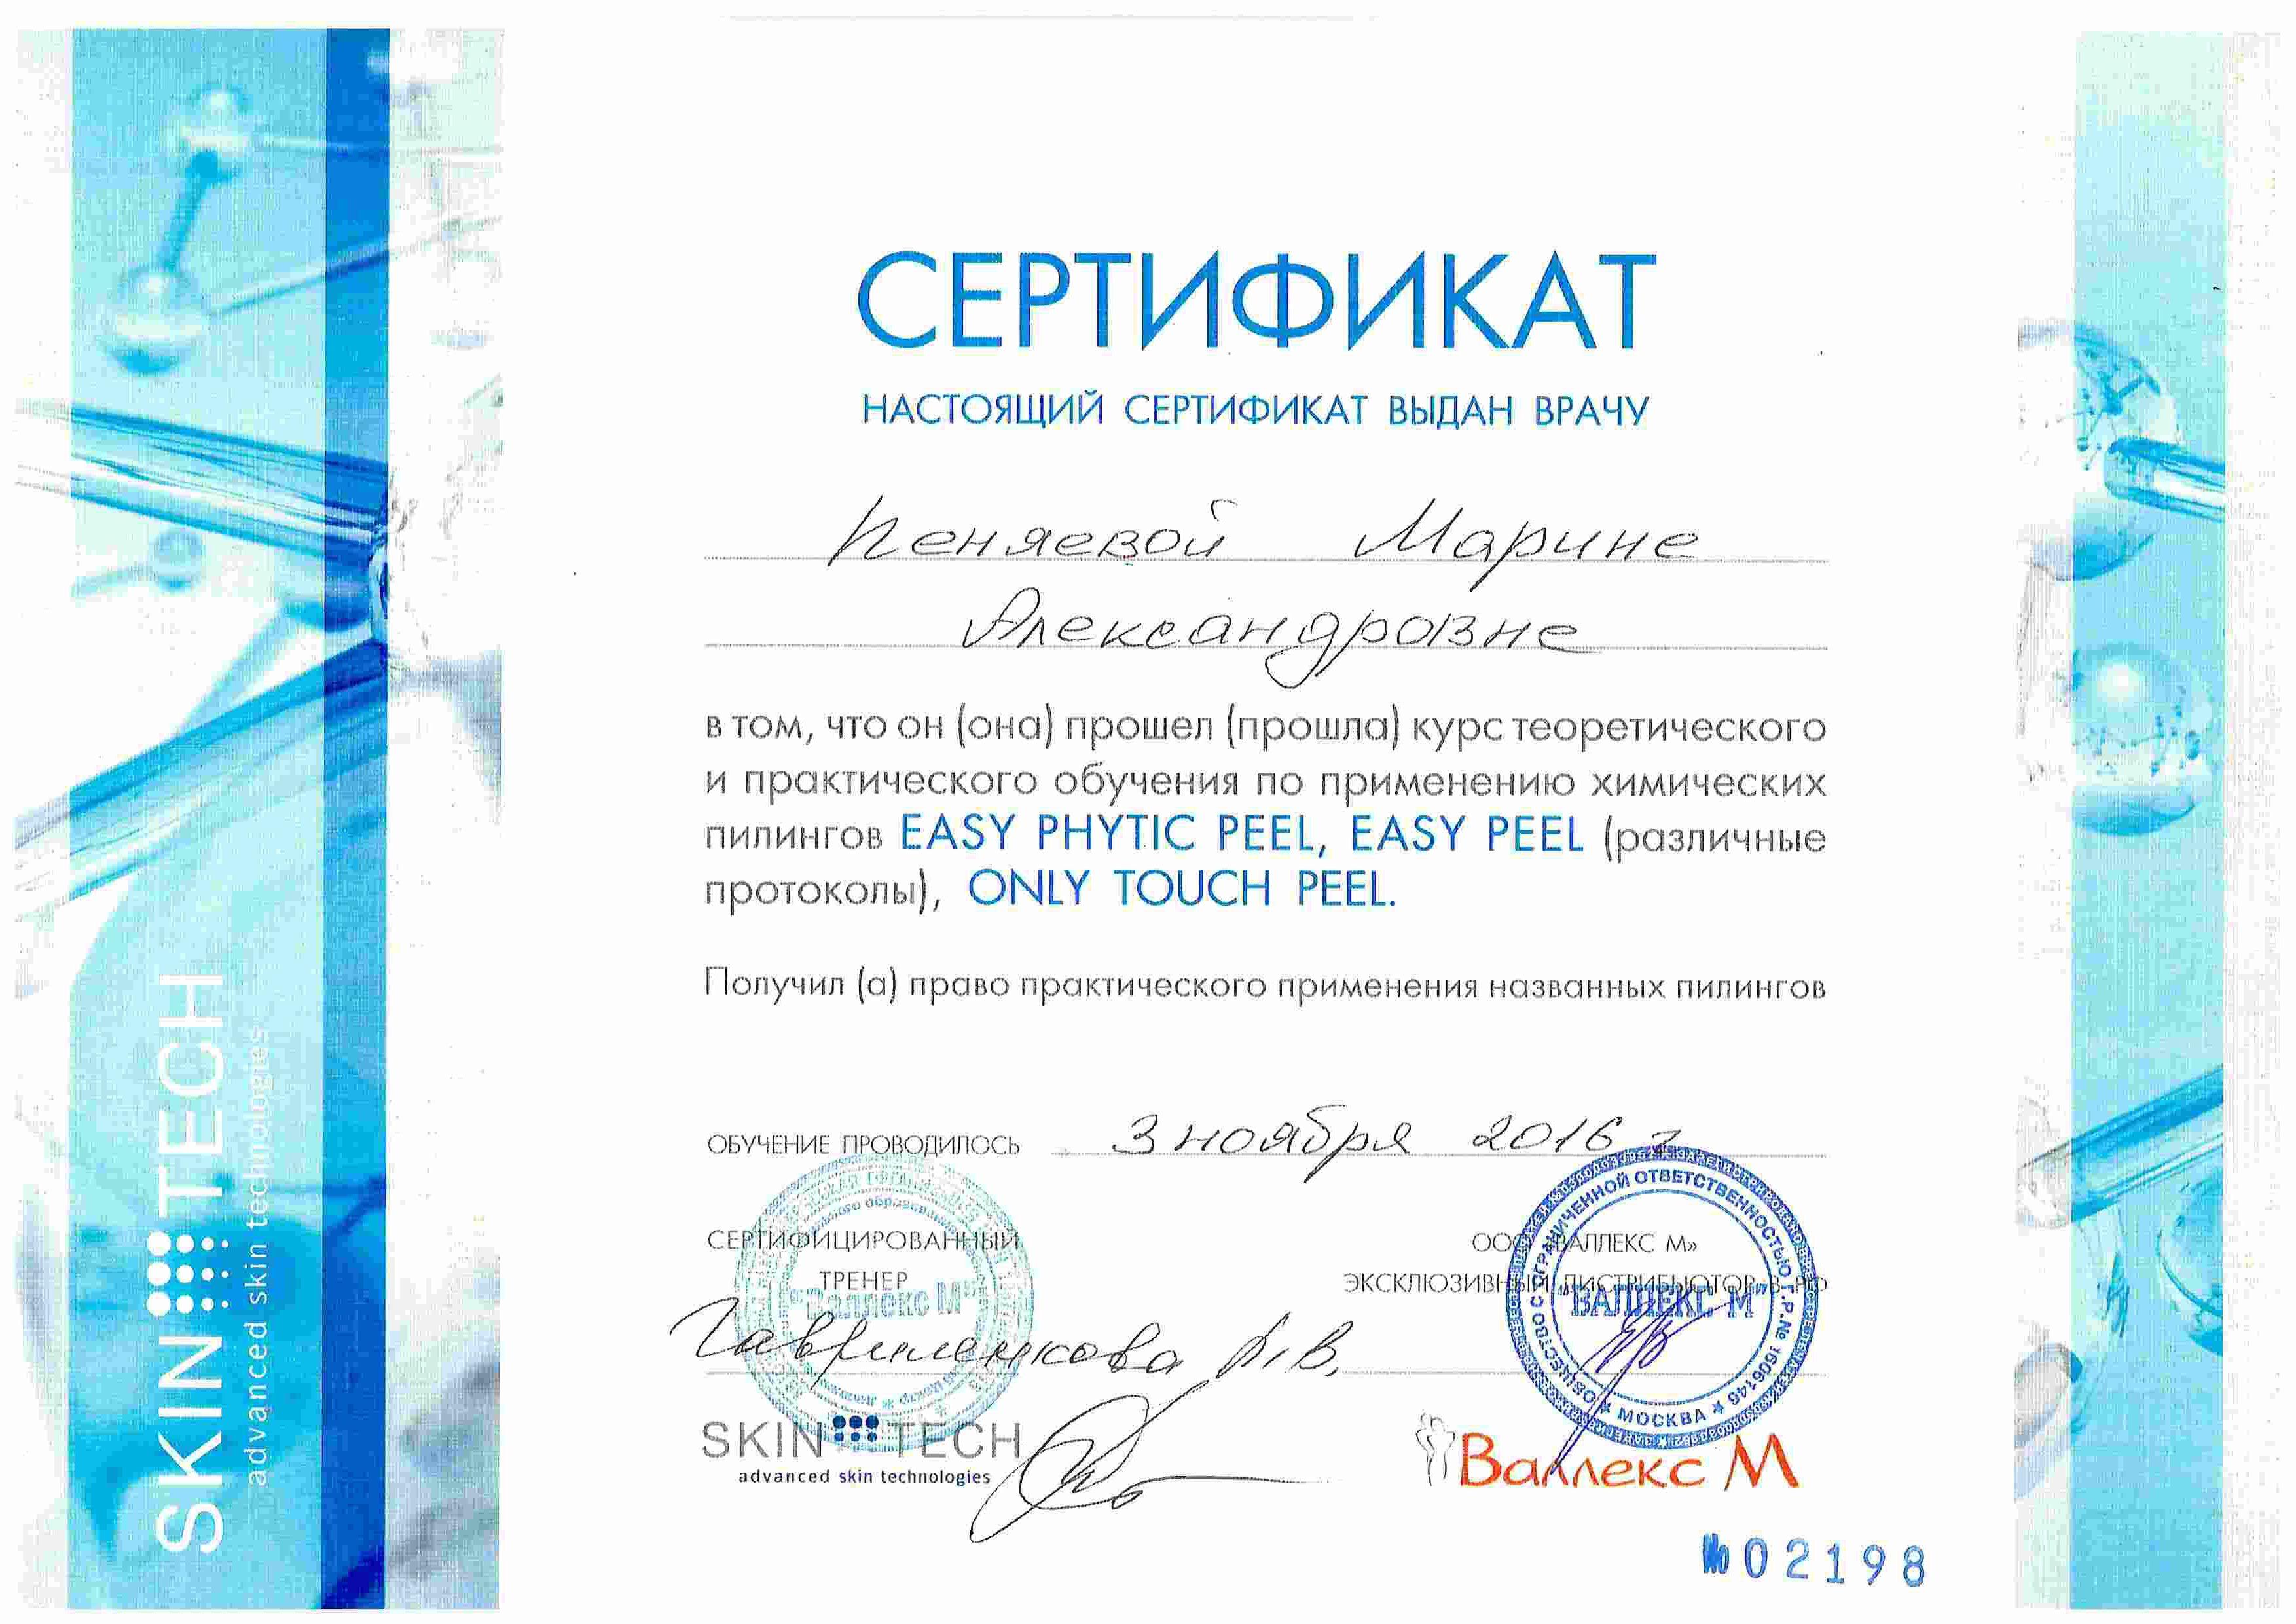 Сертификат — Применение химических пилингов. Пеняева Марина Александровна